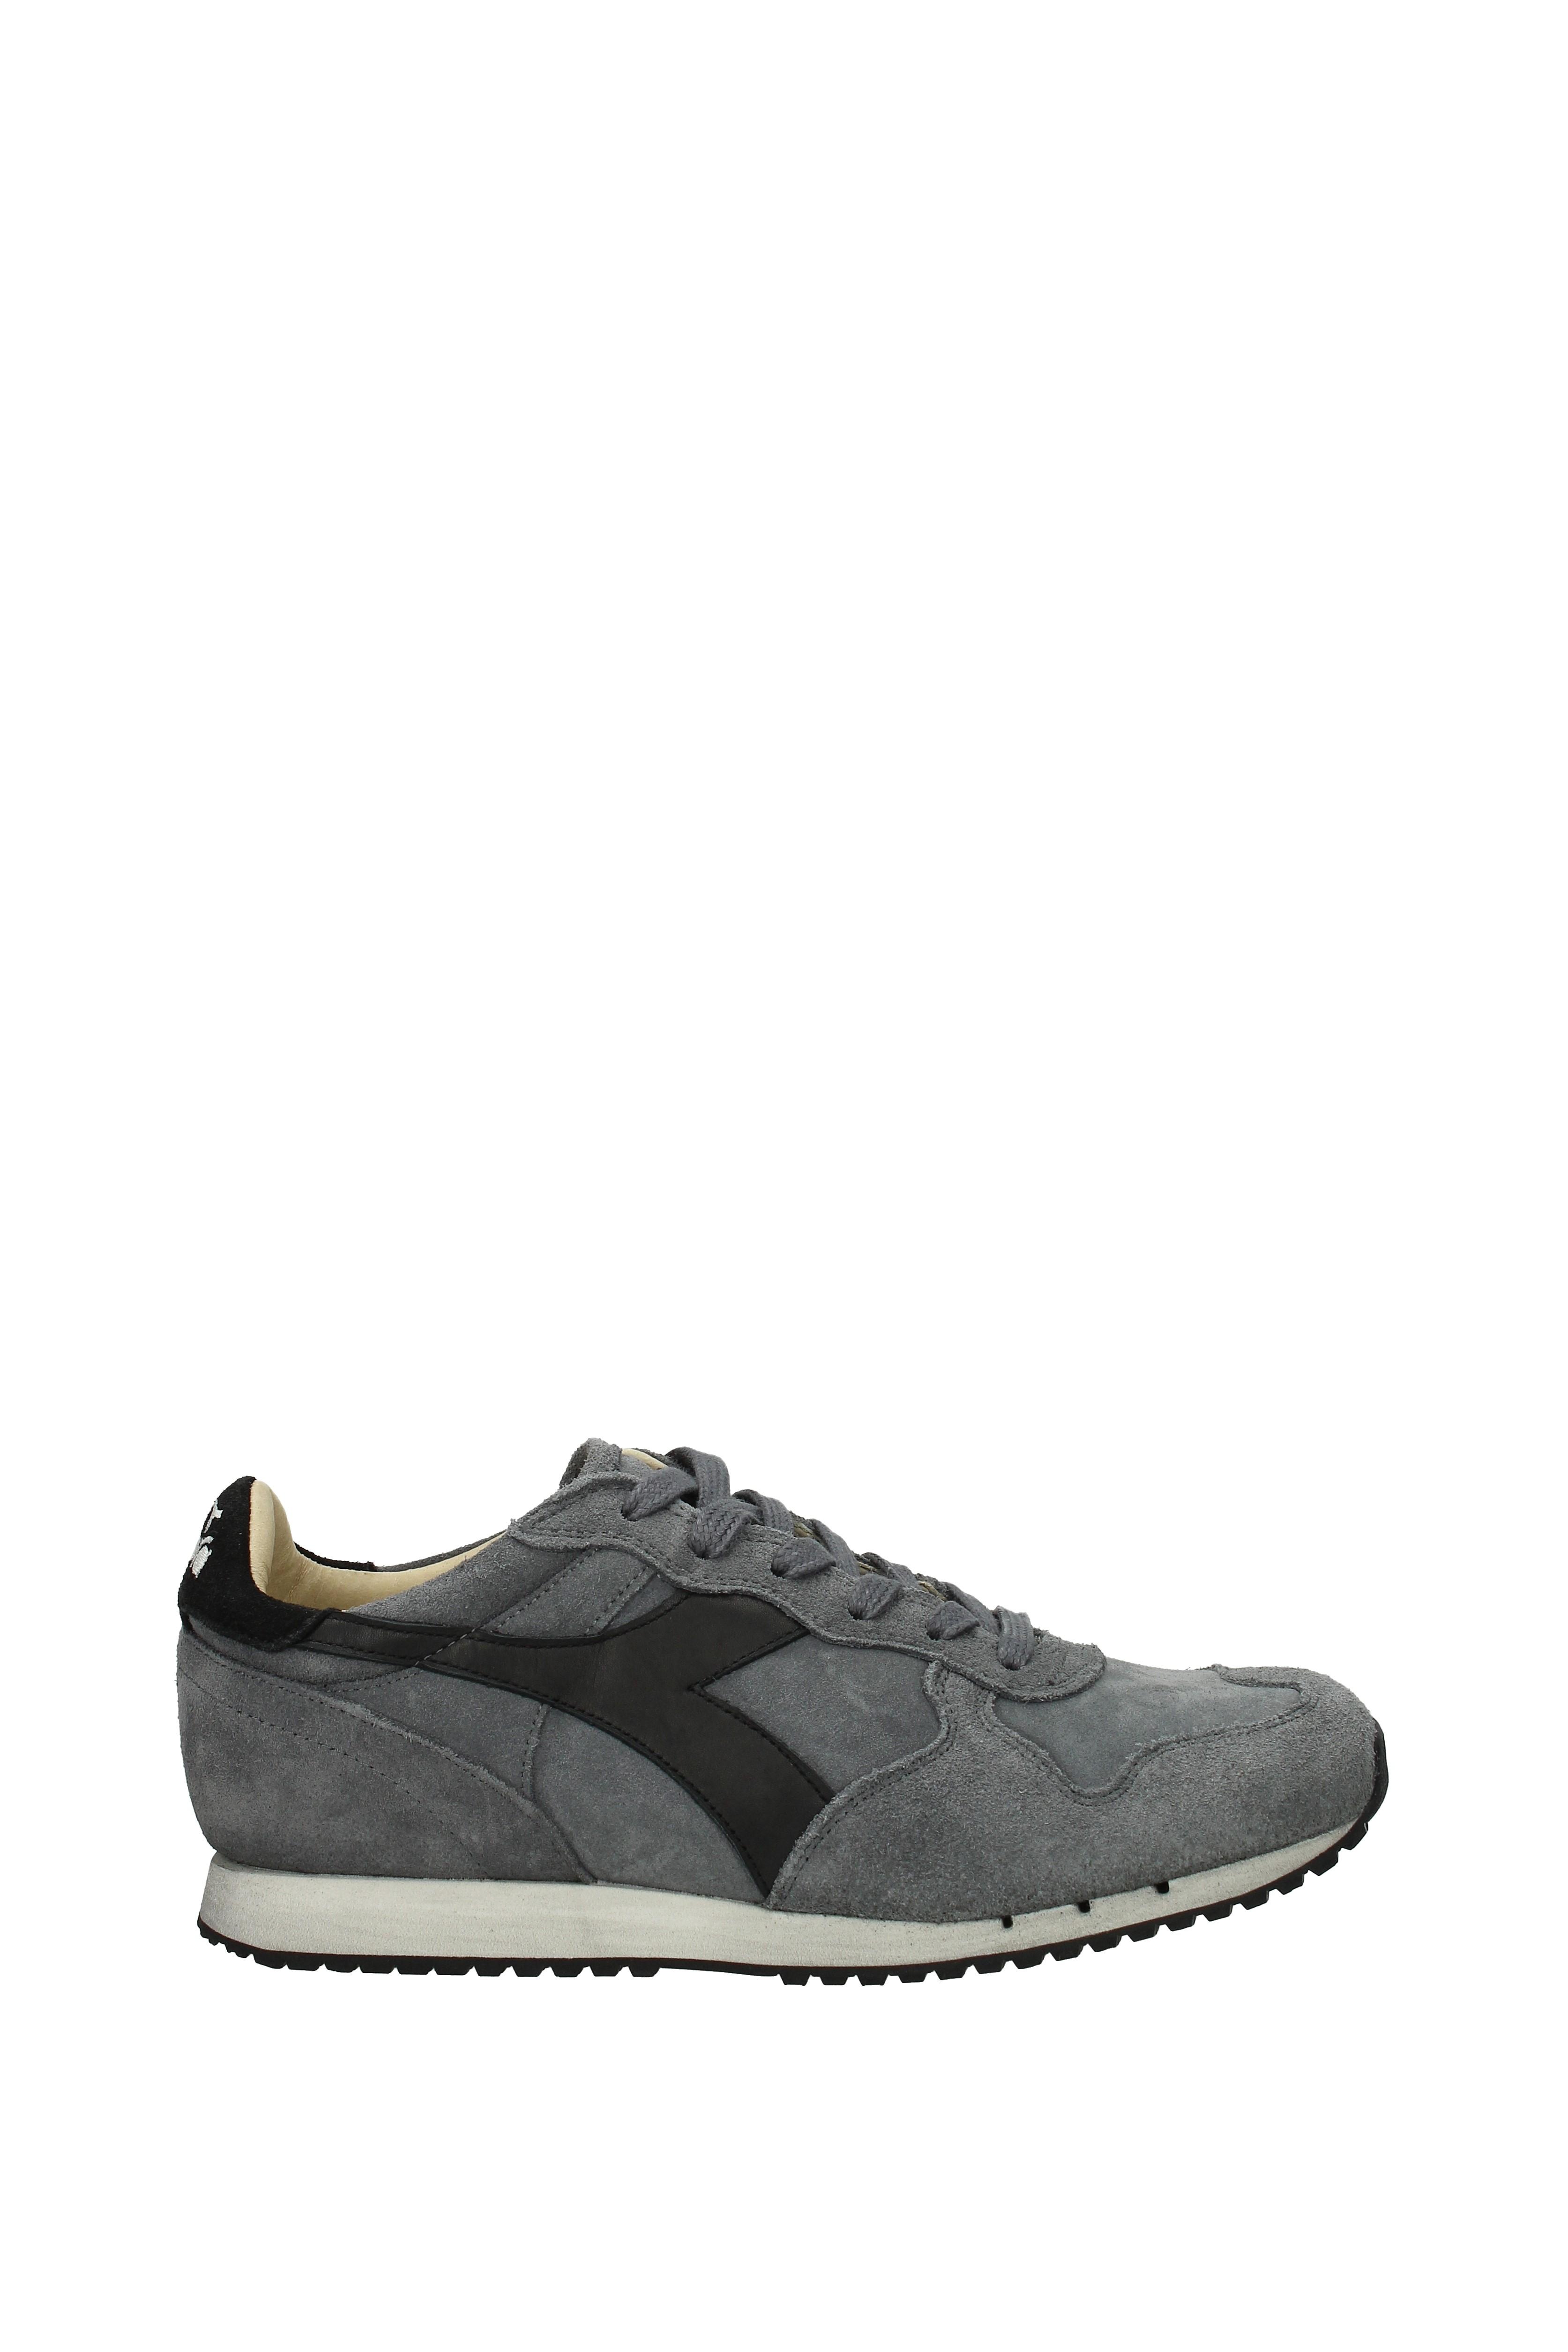 Sneakers Diadora Heritage - trident Herren - Heritage Wildleder (20115766401) e2315d